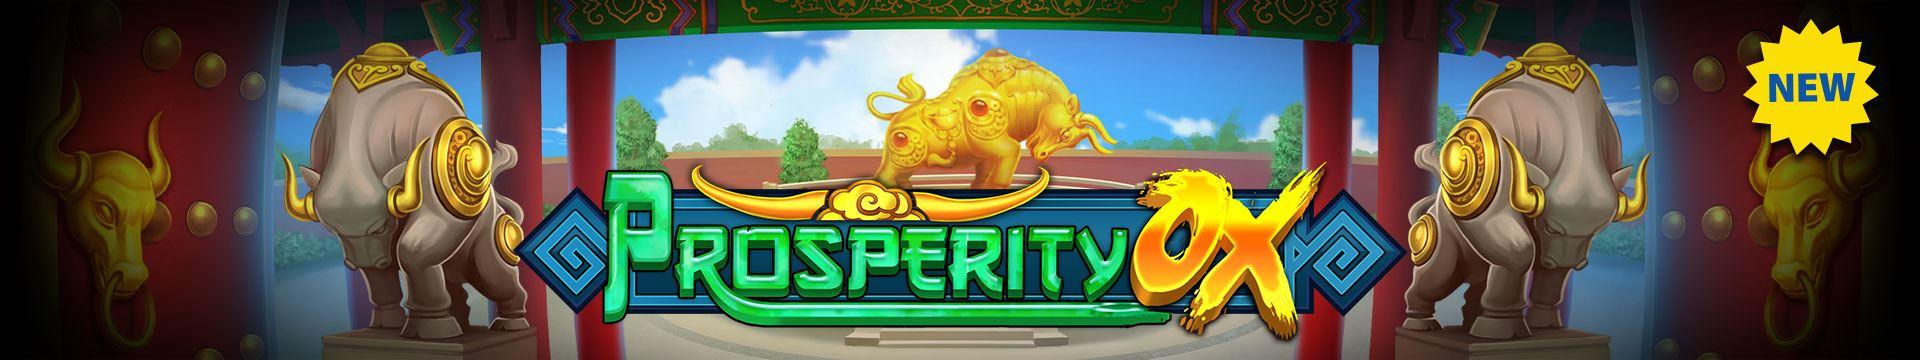 Prosperity_Ox